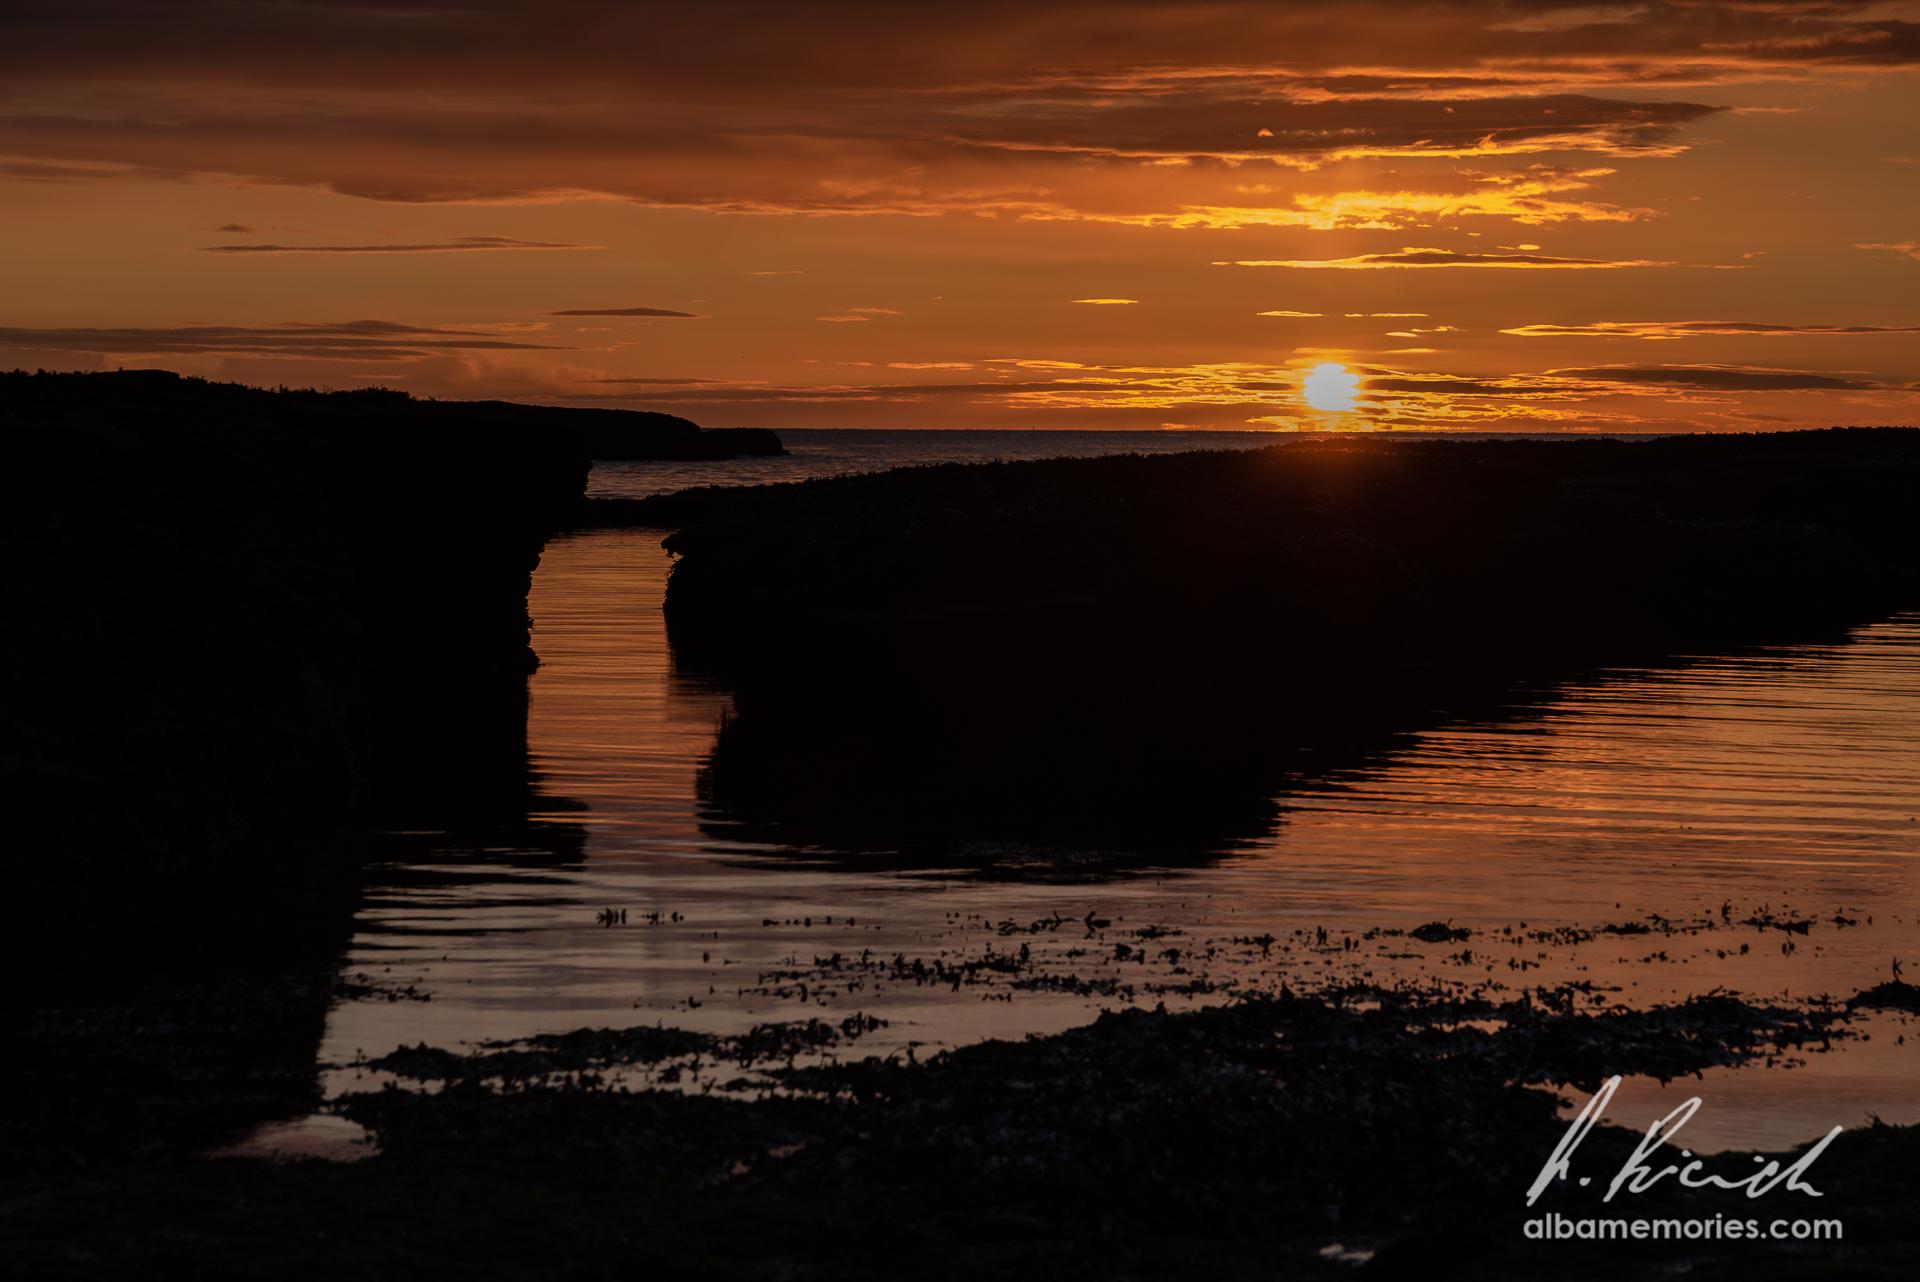 Abroath Clifs - beach, United Kingdom